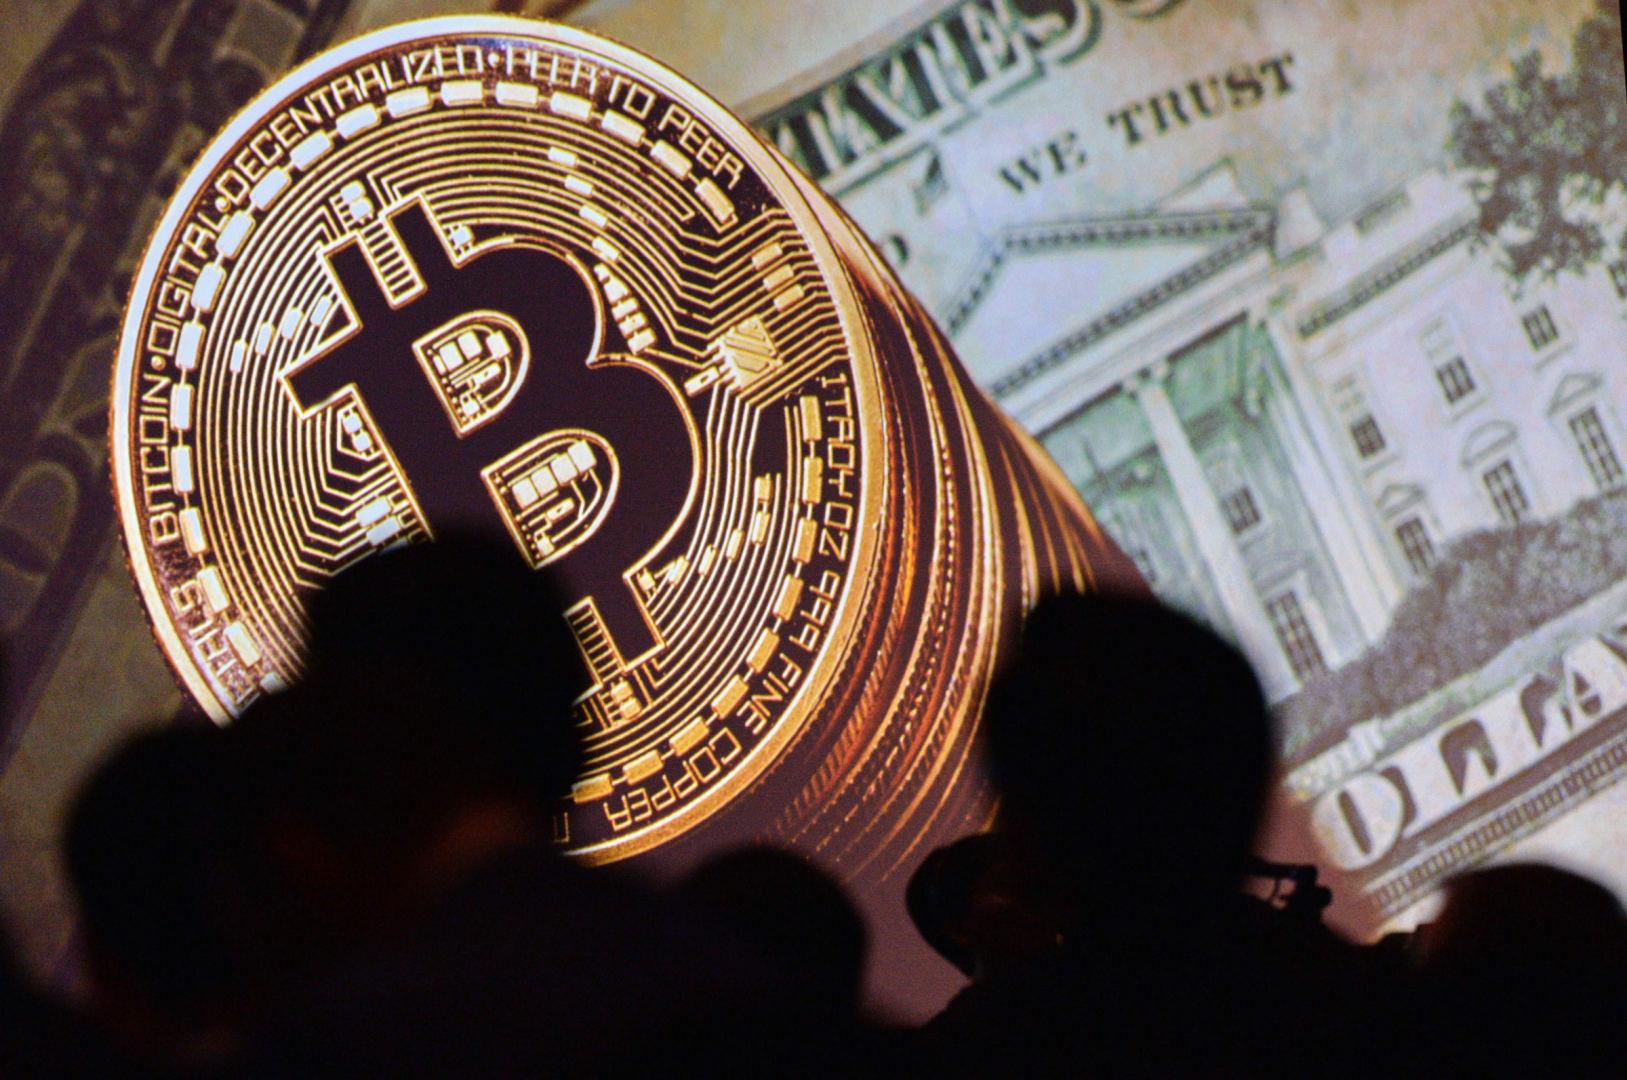 kaip užsidirbti pinigų populiariausiose interneto svetainėse